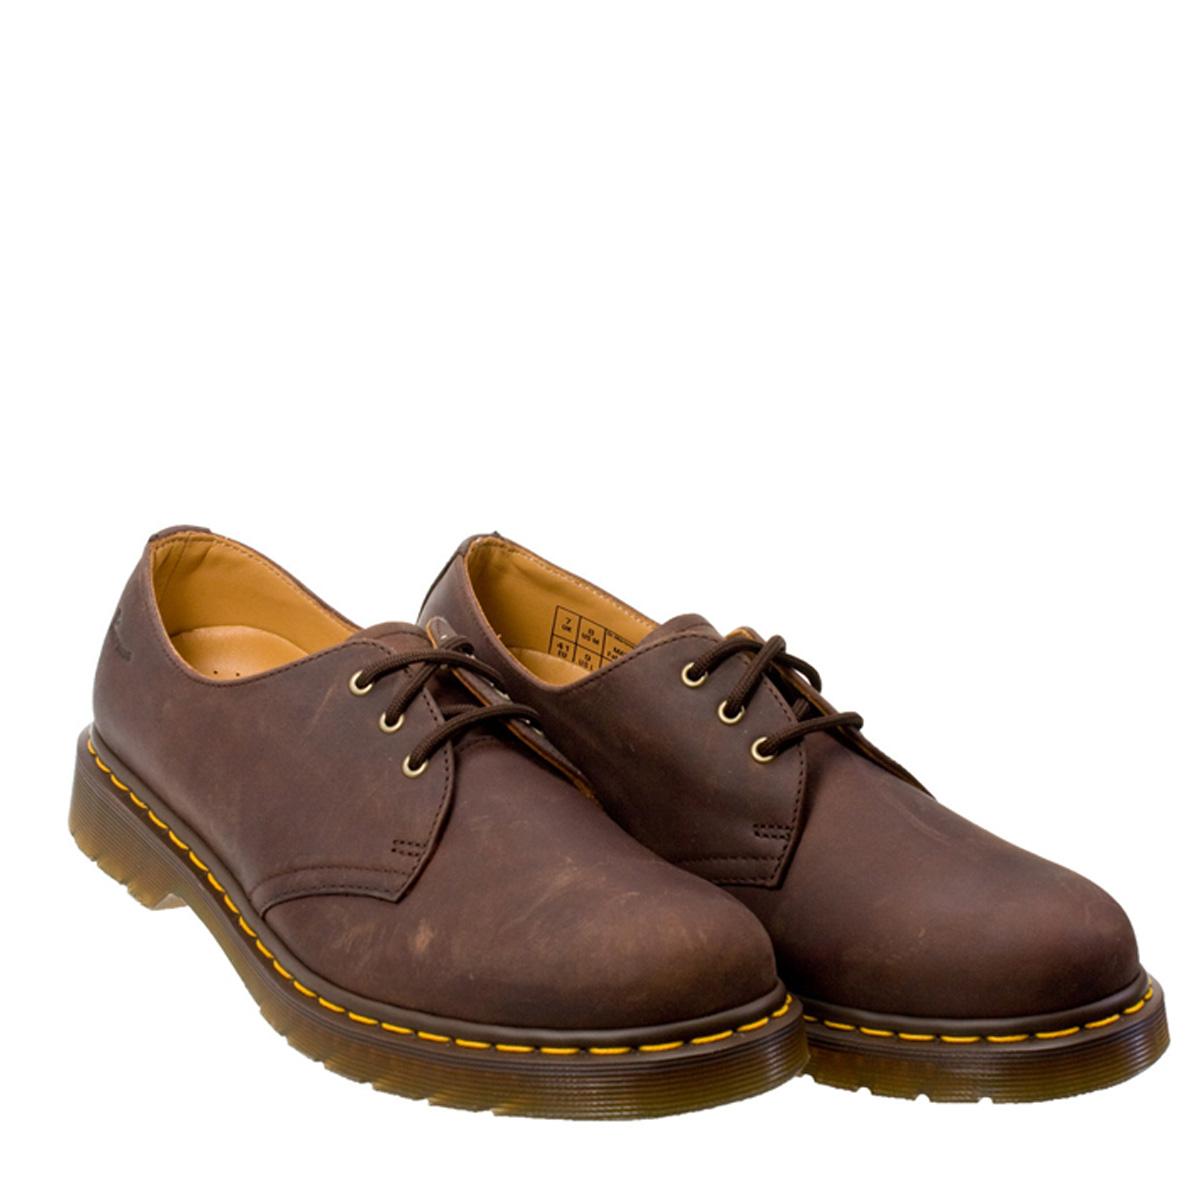 Dr. Martens Unisex 1461 Shoes, Crazy Horse Gaucho Brown ...